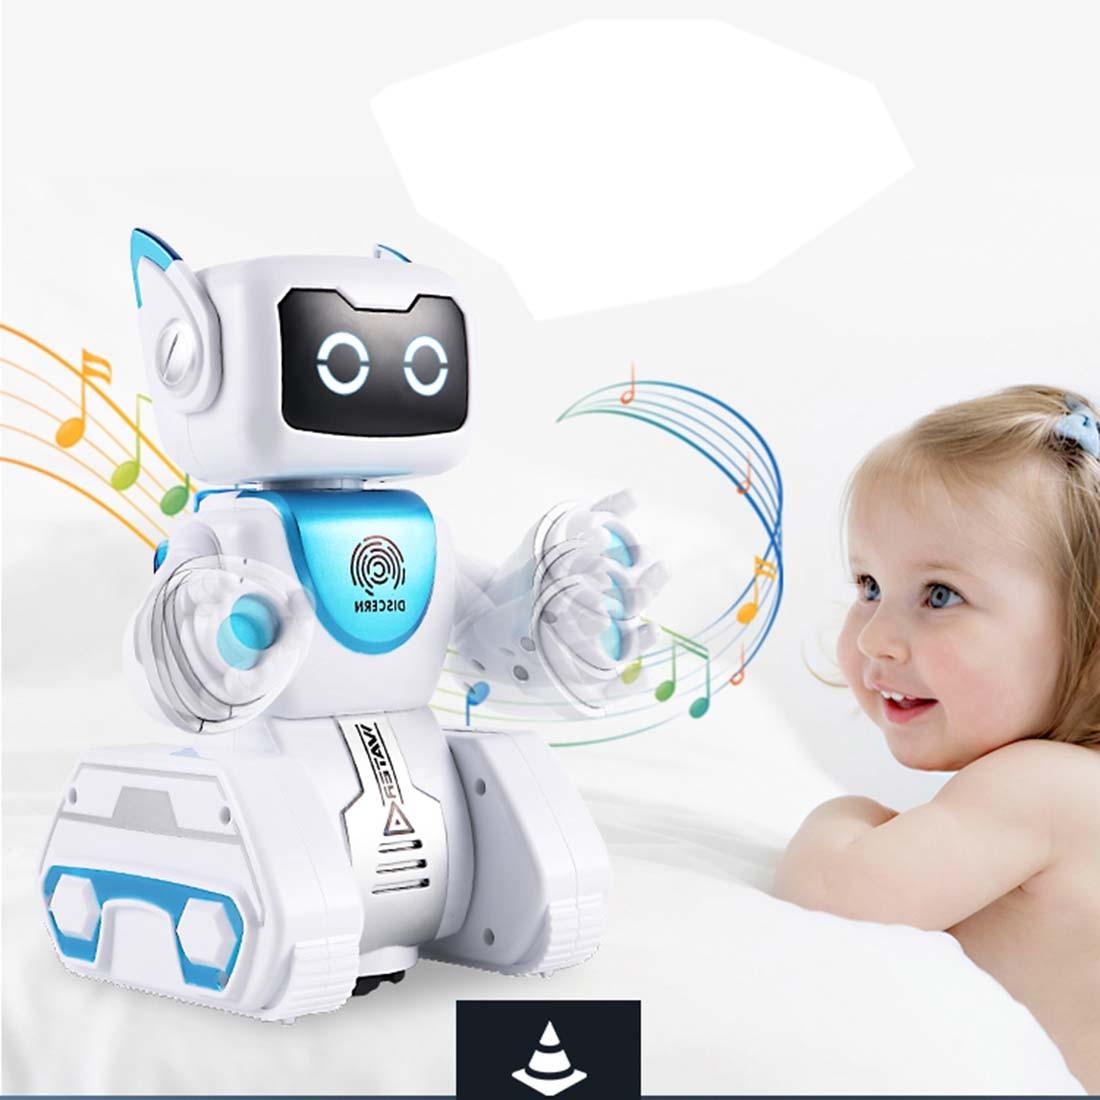 Nouveau Enfants Intelligente RC jouet Robot D'empreintes Digitales Hydro-électrique Hybride Power Smart Robot pour cadeau d'anniversaire pour enfants Robotique